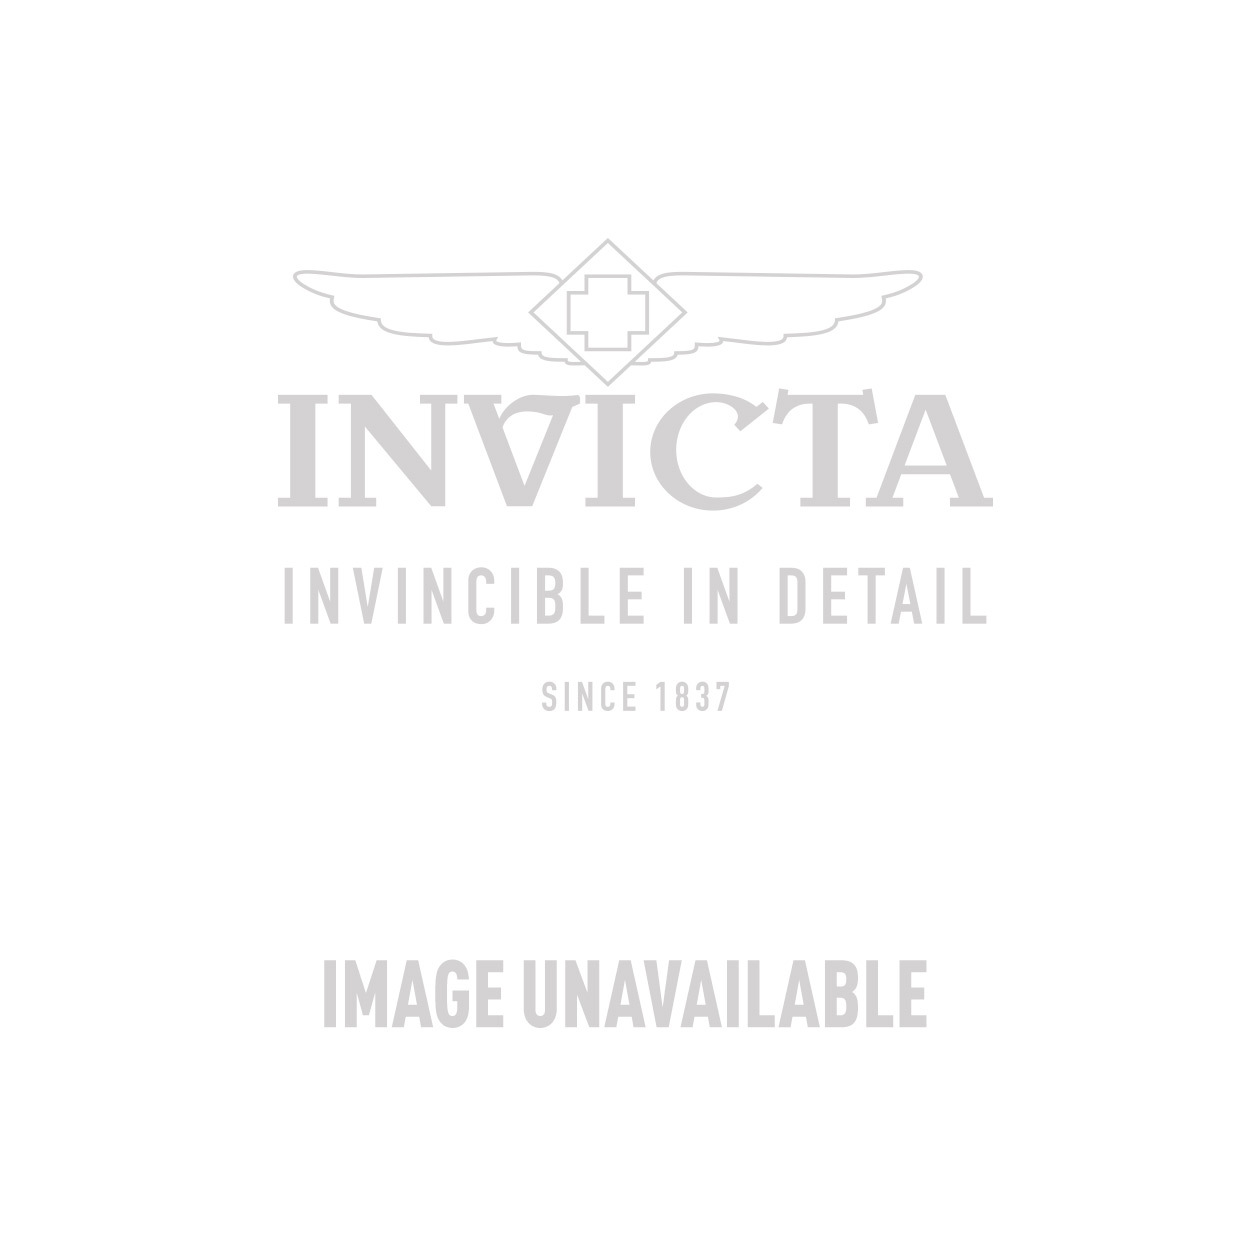 Invicta Model 24882